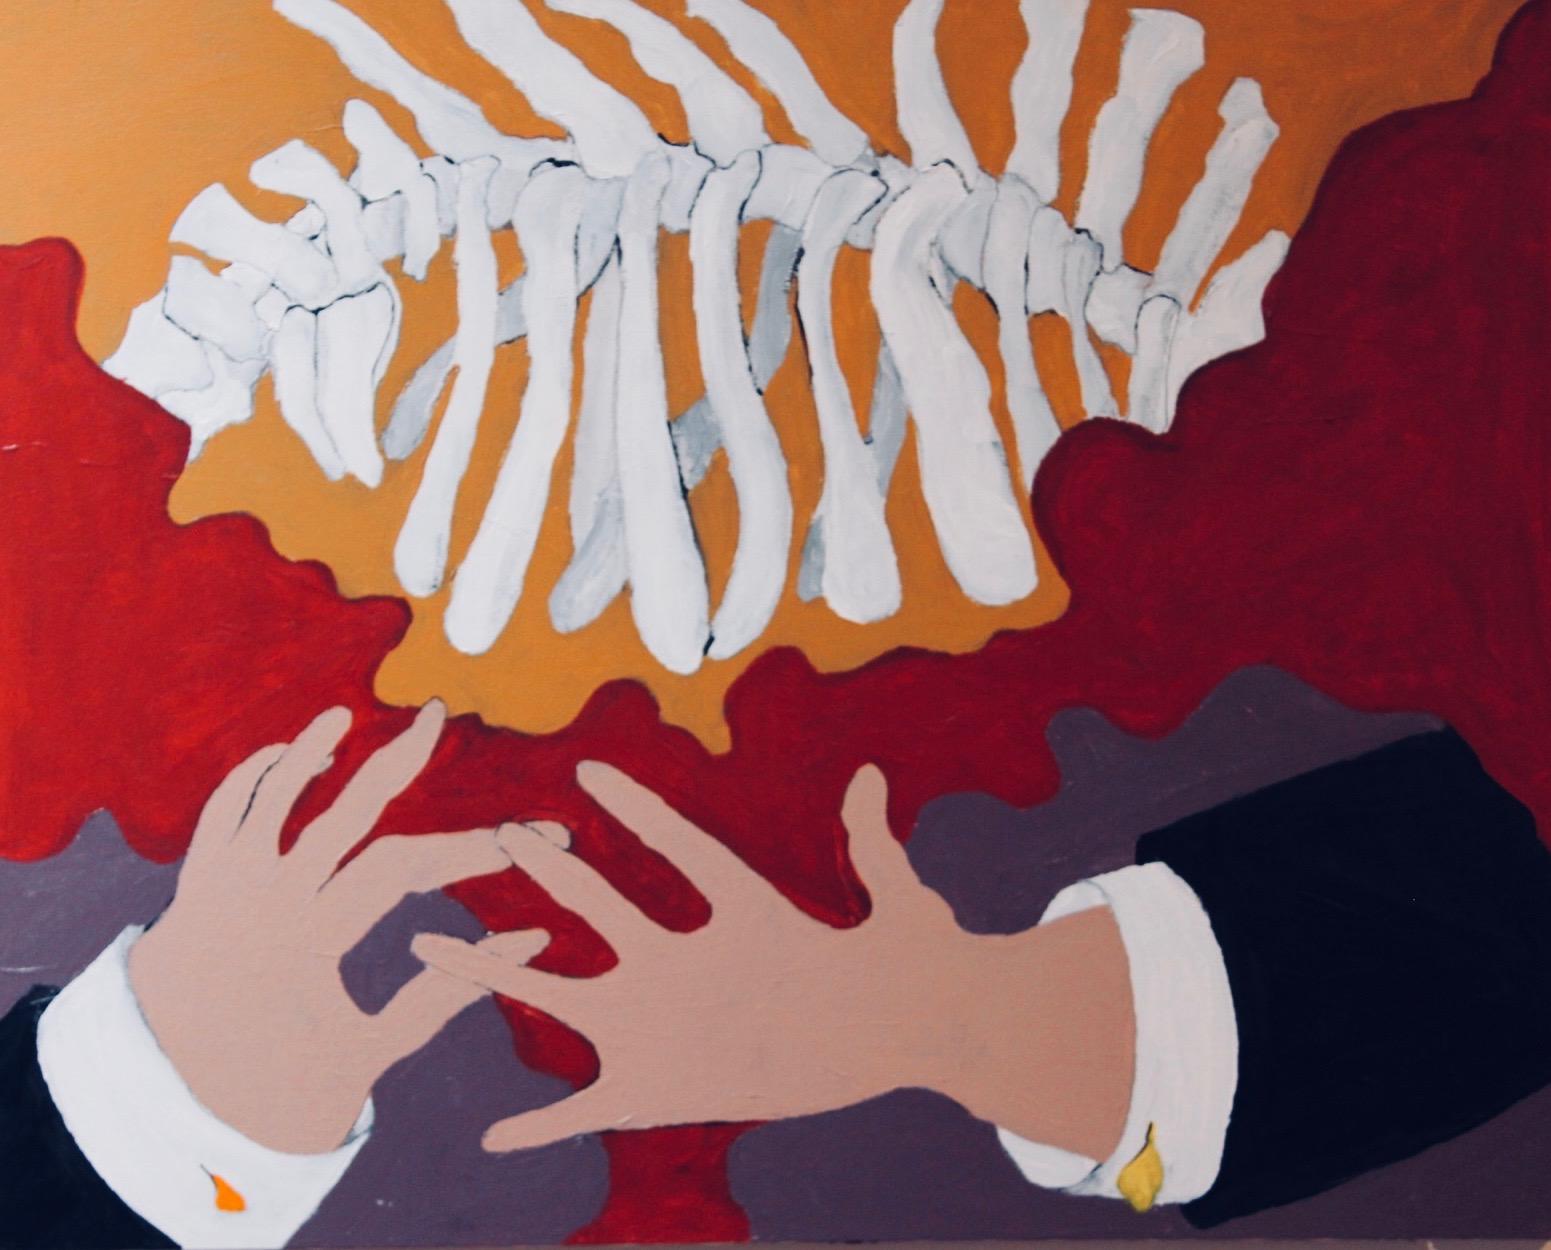 Banker's Hands